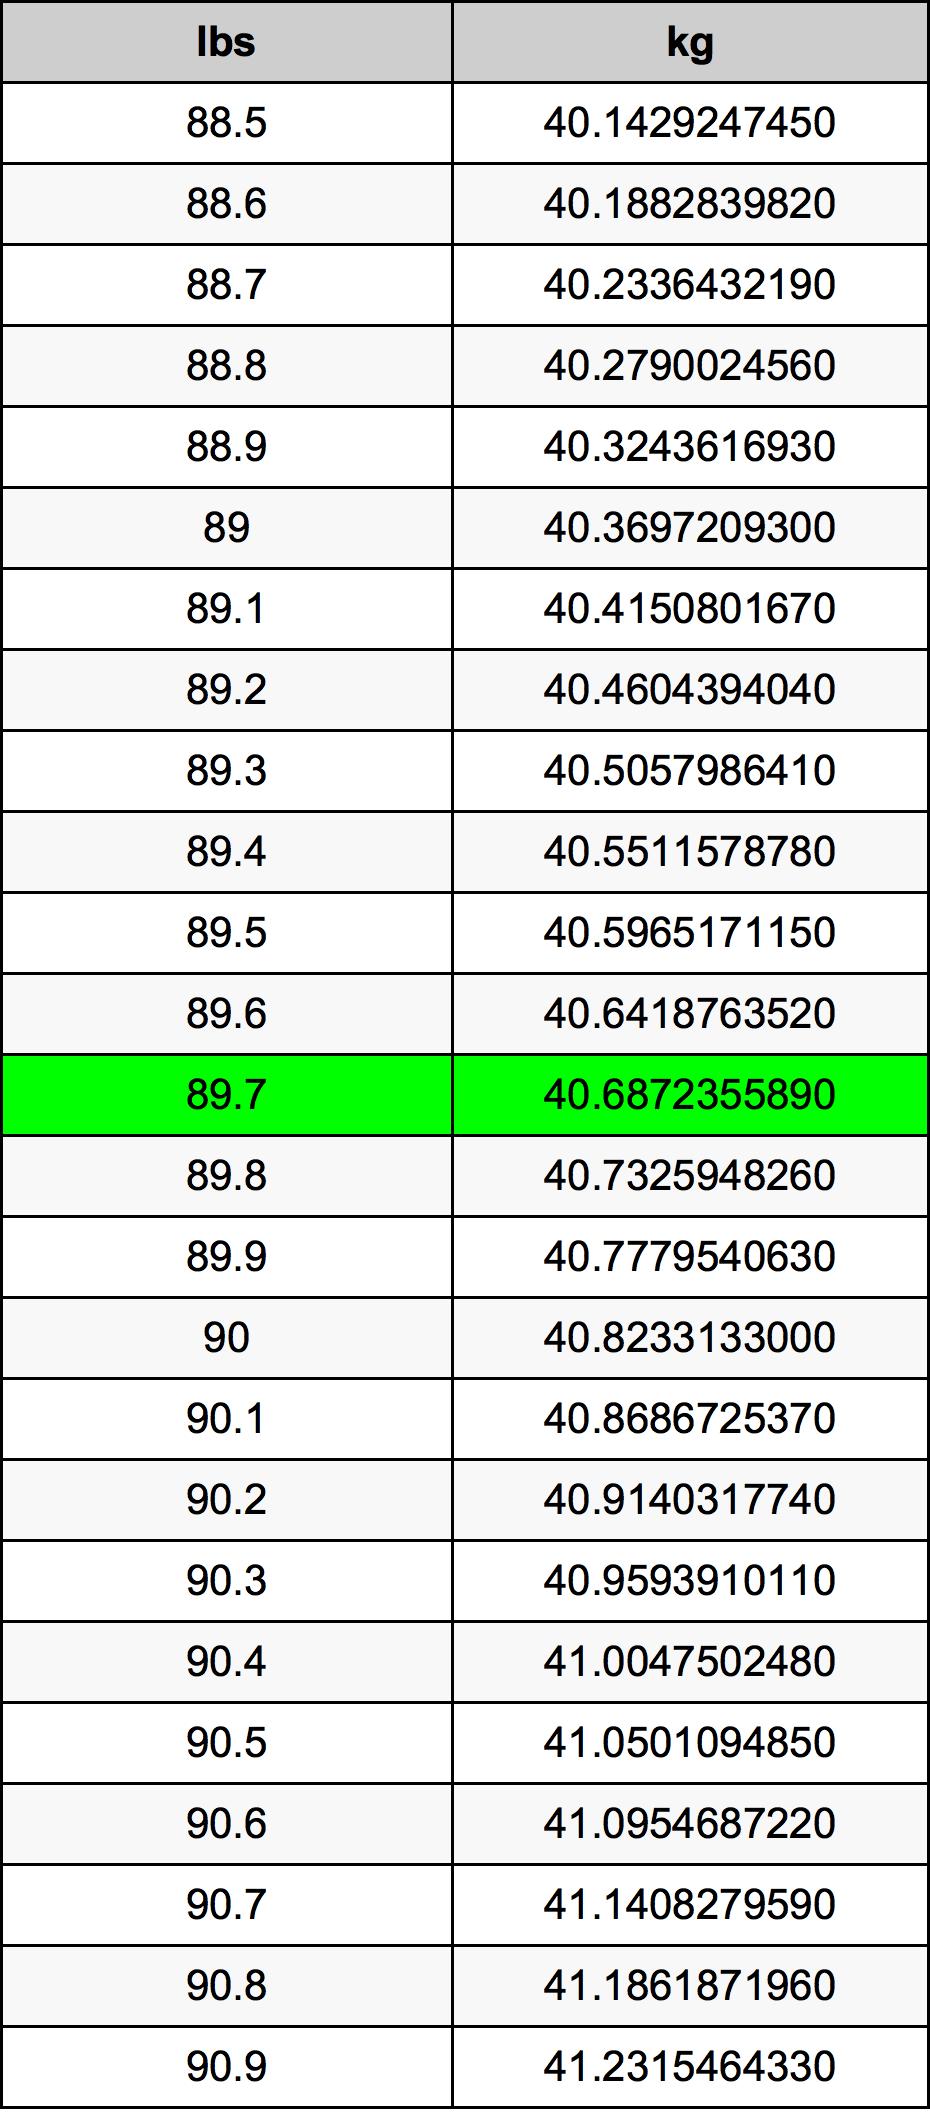 89.7 Libbra tabella di conversione